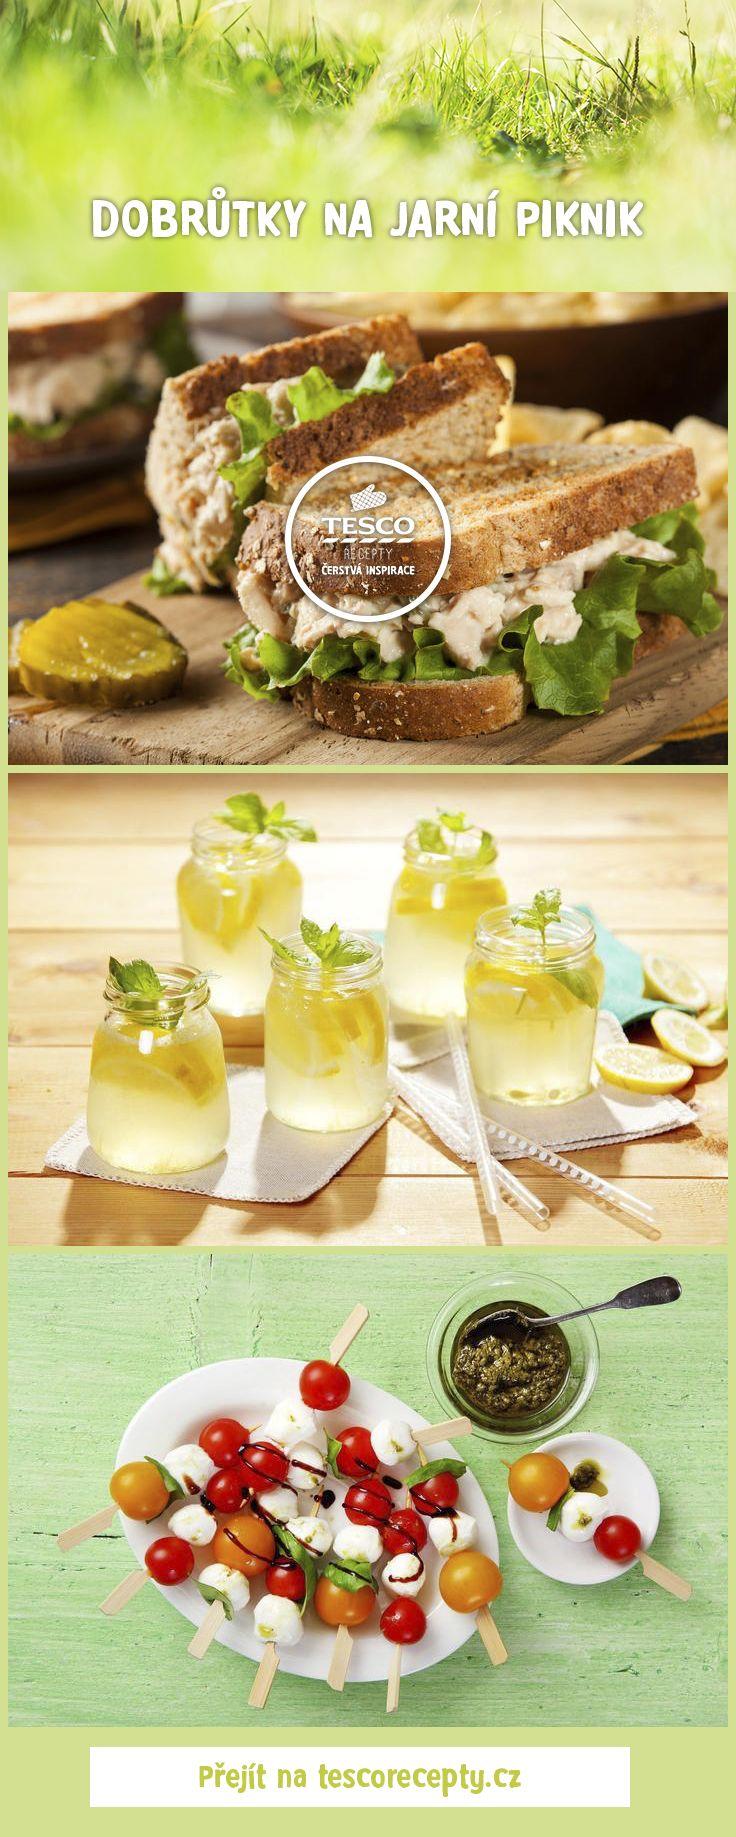 Jarní piknik? S našimi recepty vás nepřekvapí